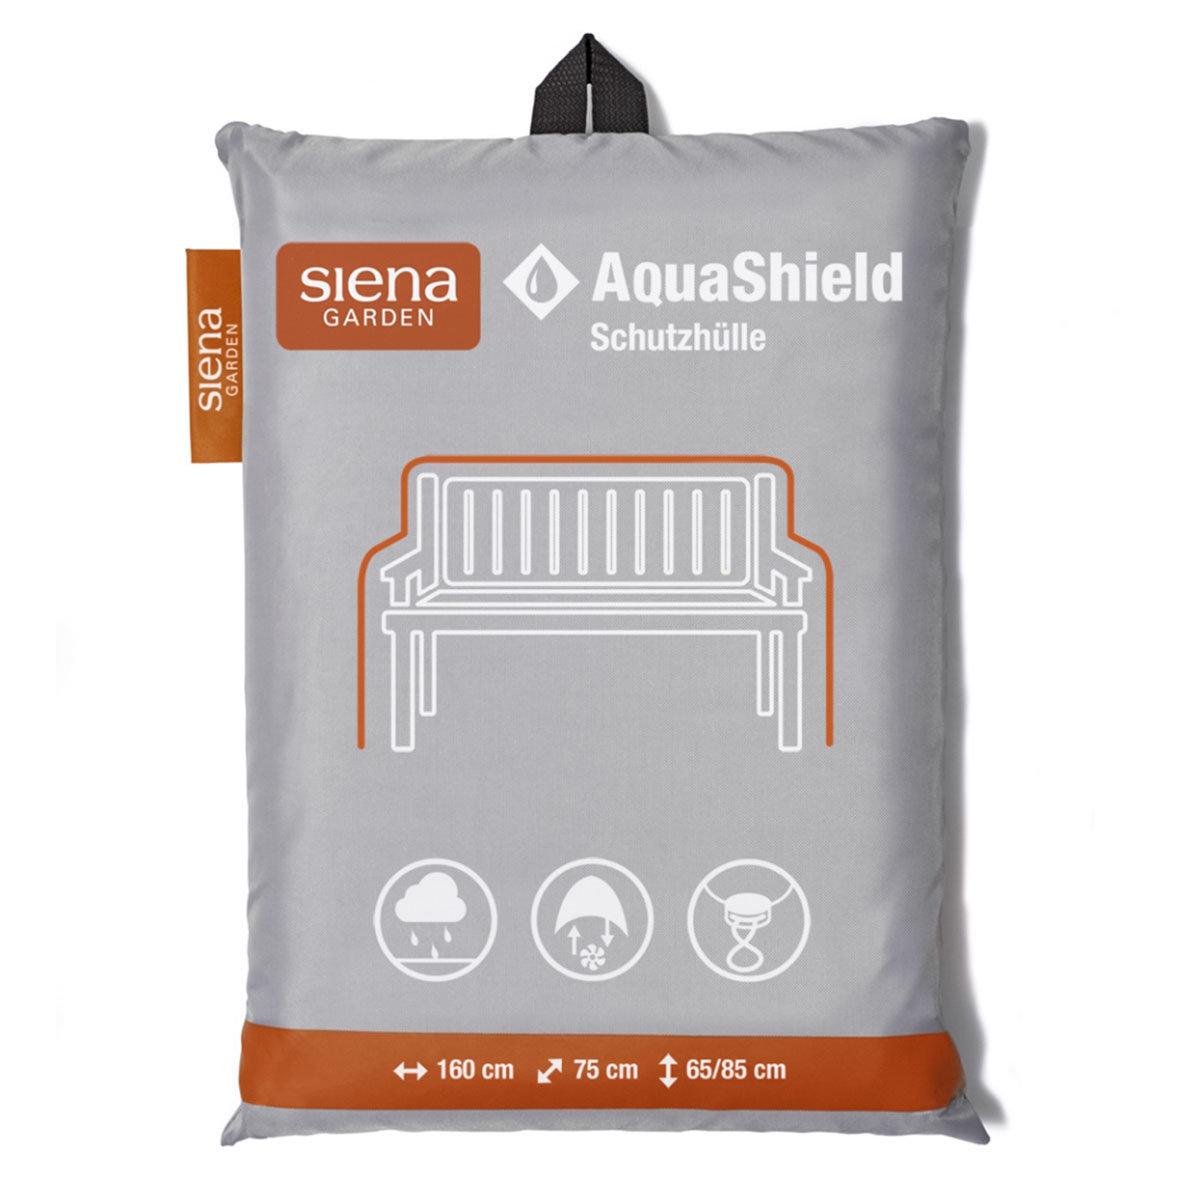 Schutzhülle AquaShield für Bänke, 160 cm